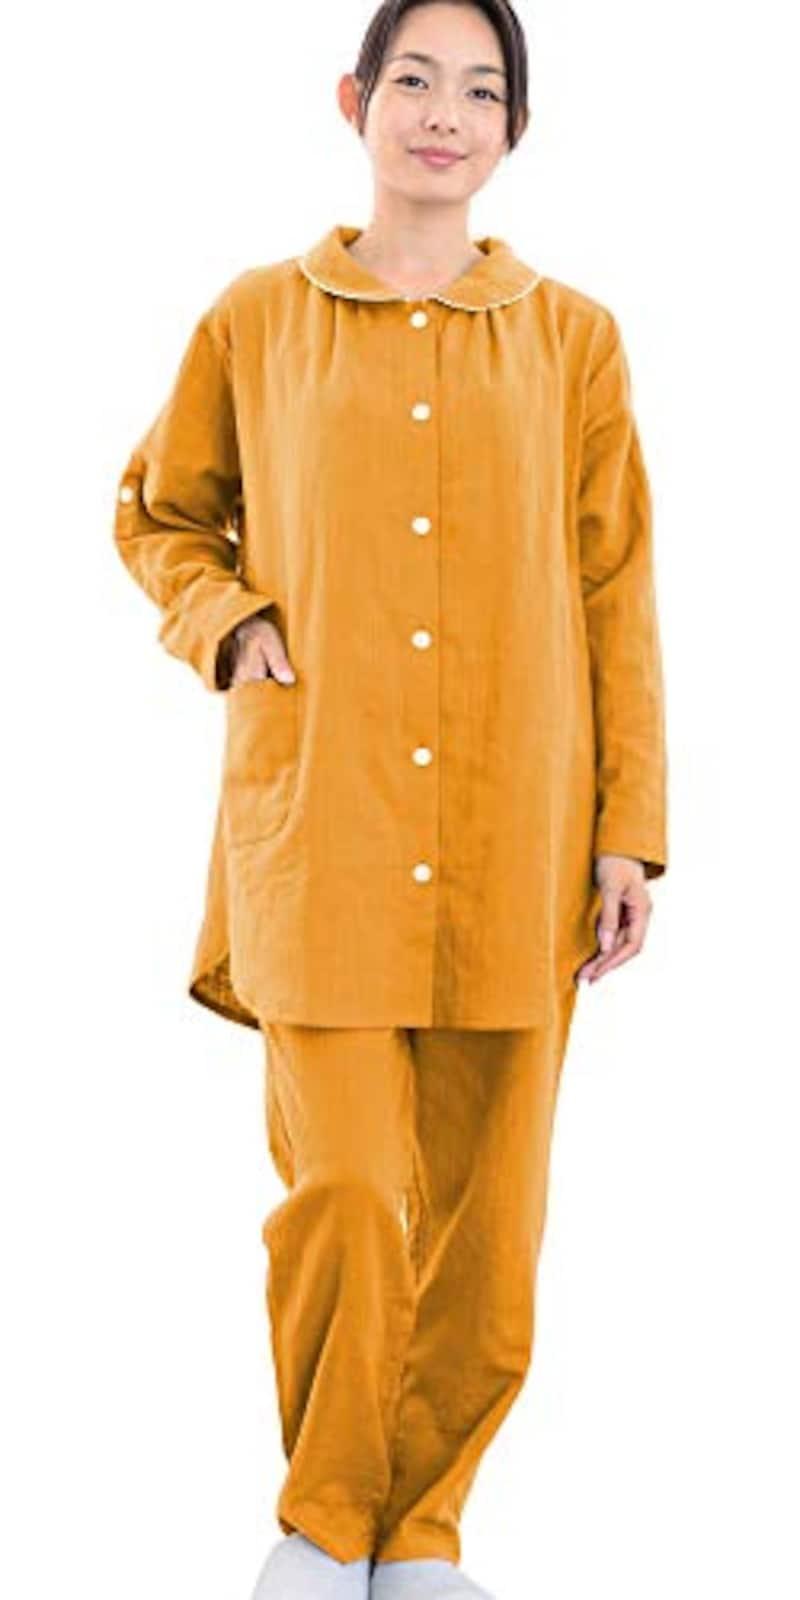 パジャマ工房,レディースパジャマ  長袖